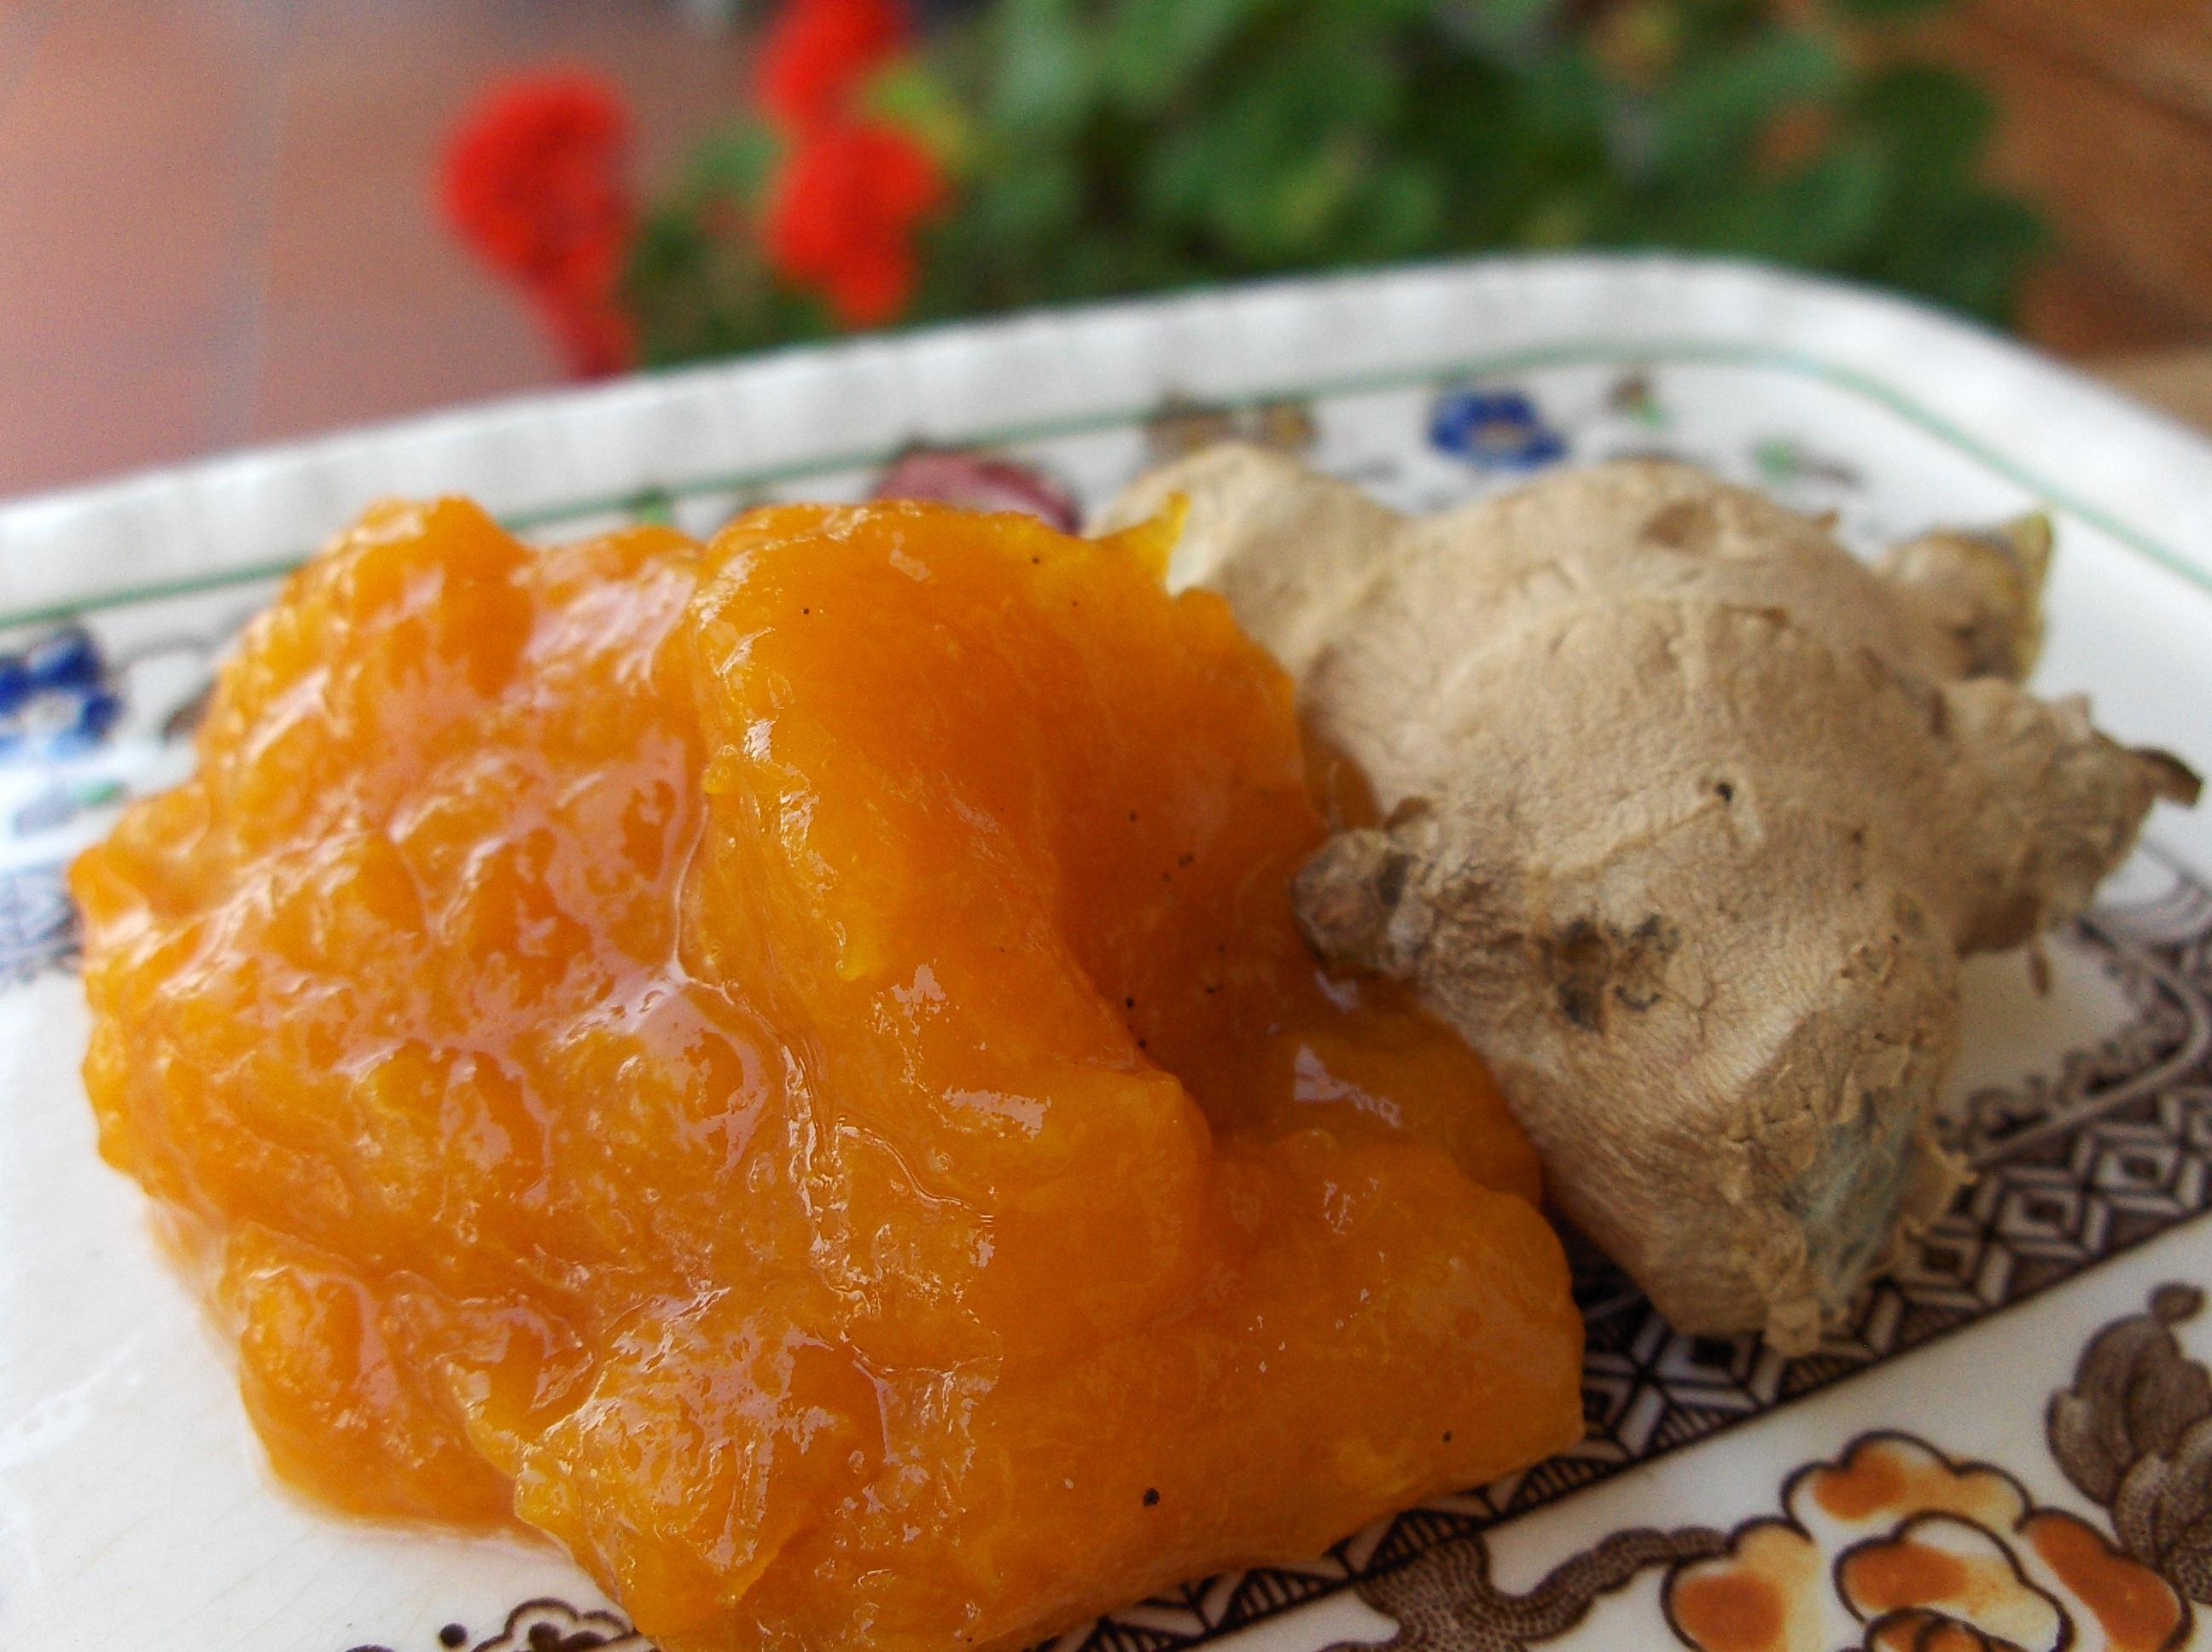 aprikos marmelad färska aprikoser